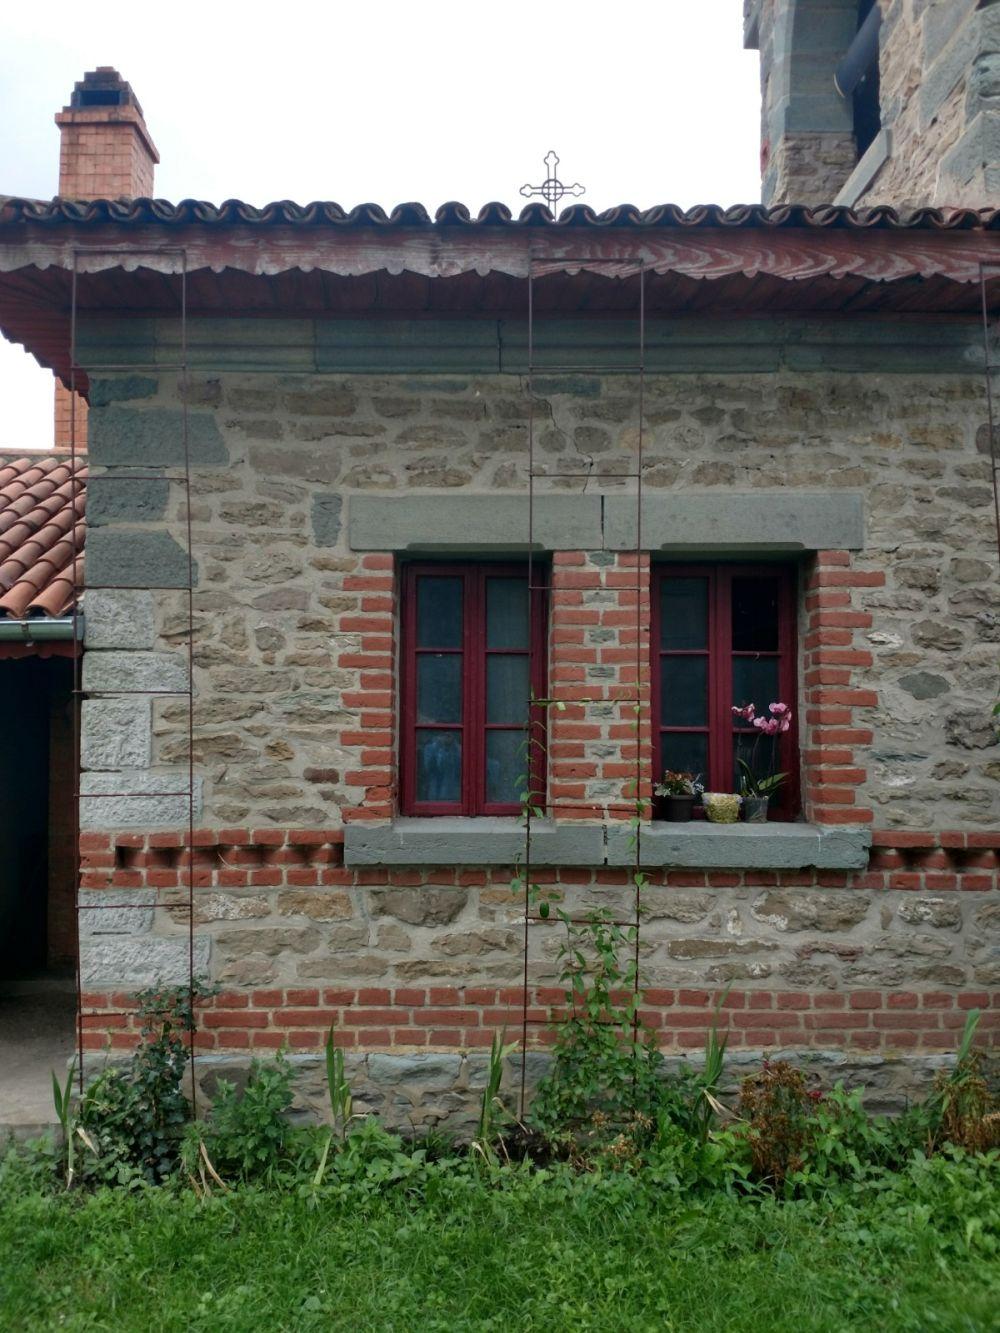 adelaparvu.com despre detalii arhitecturale de pe Valea Somuzului, Romania, Text arh Bogdan Balaban, Foto Bogdan Balaban (10)